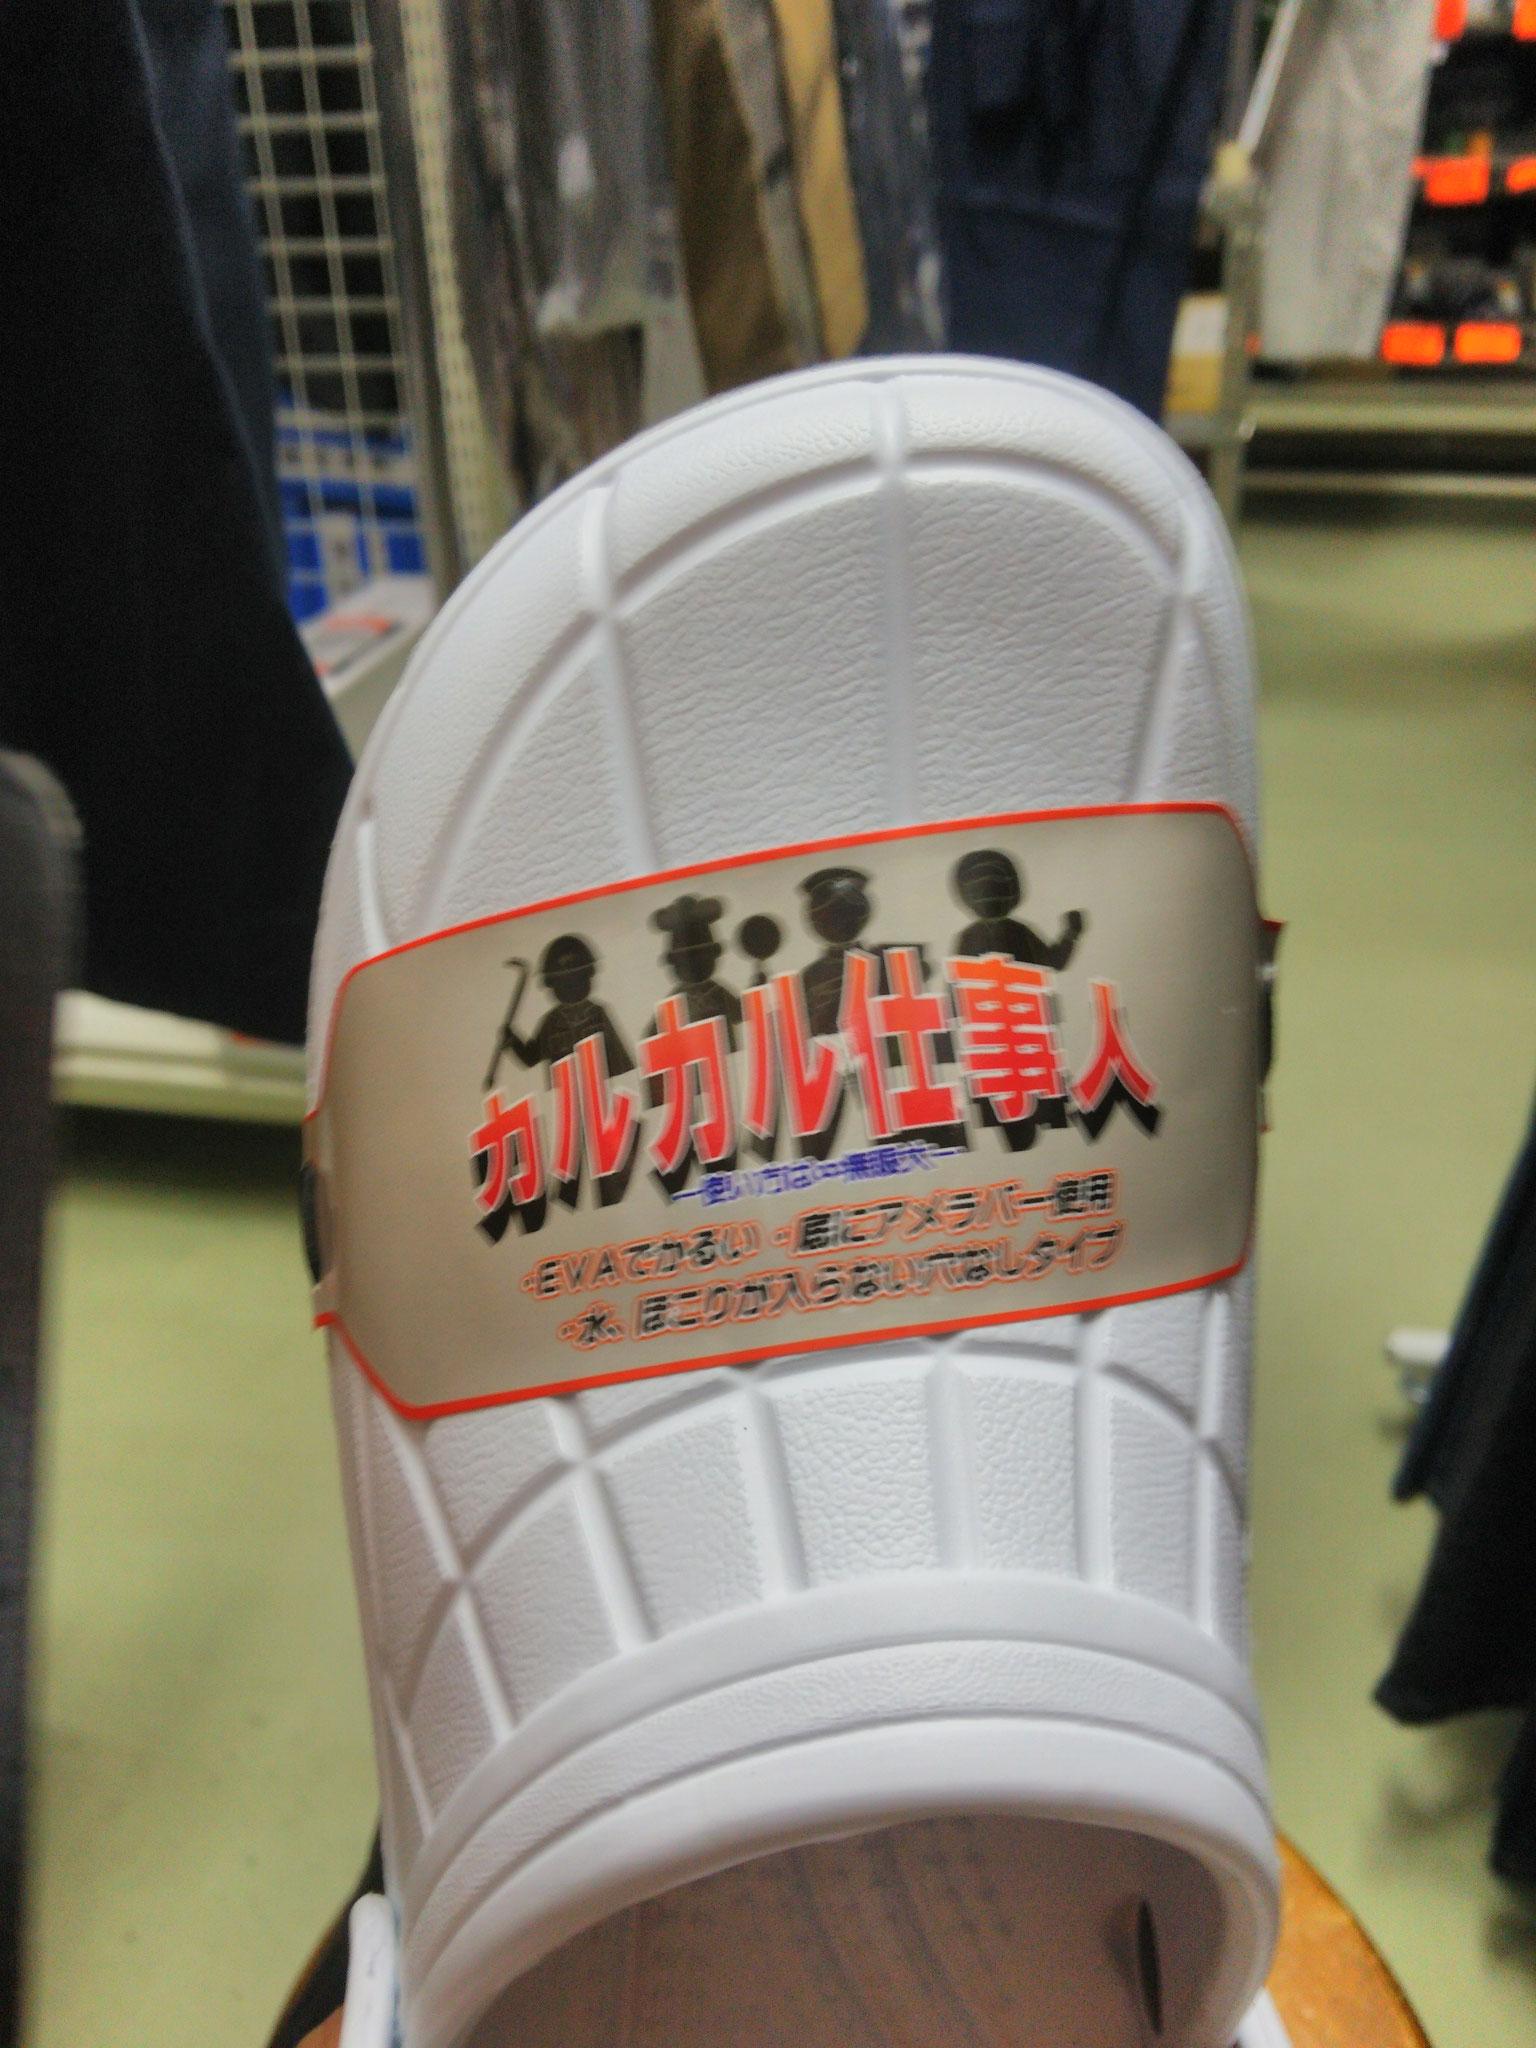 厨房靴 カルカル仕事人 ¥1,990(税込)ちょーいので、履いてるのを忘れるくらい、さらに防水性抜群です。